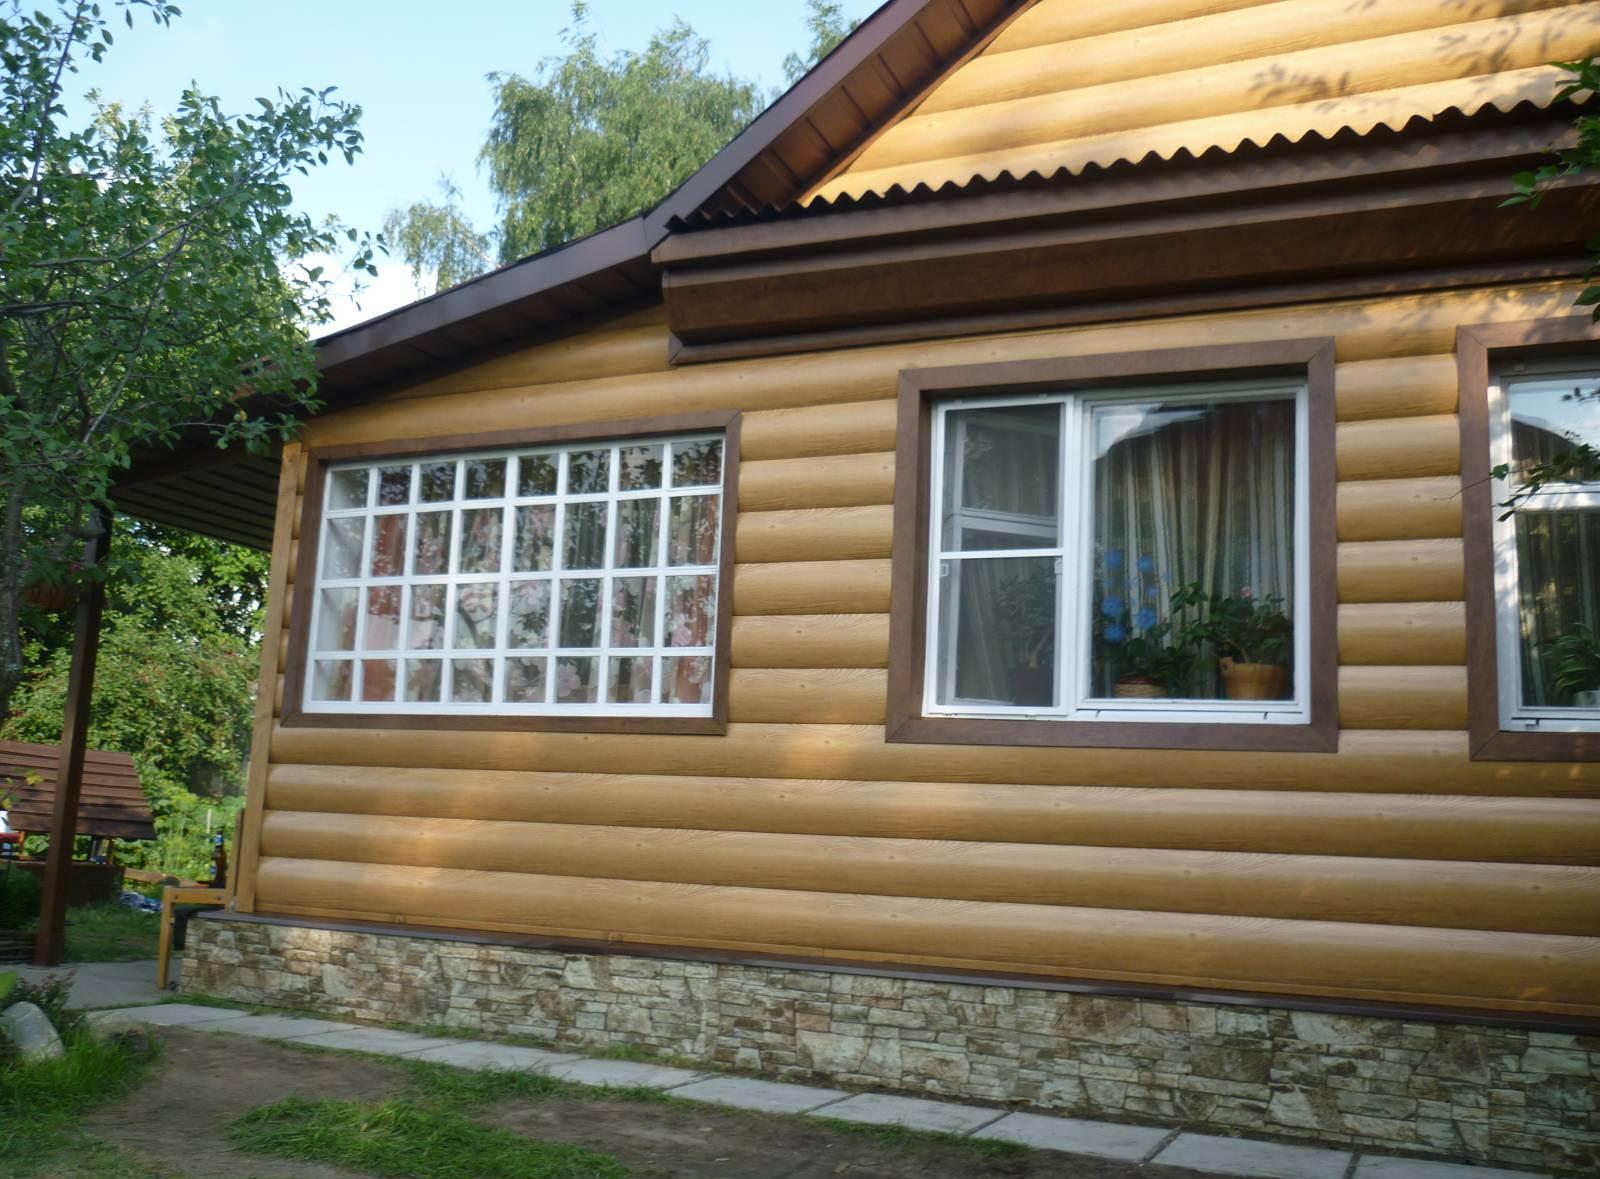 Деревянный блок-хаус имитирует бревенчатый сруб